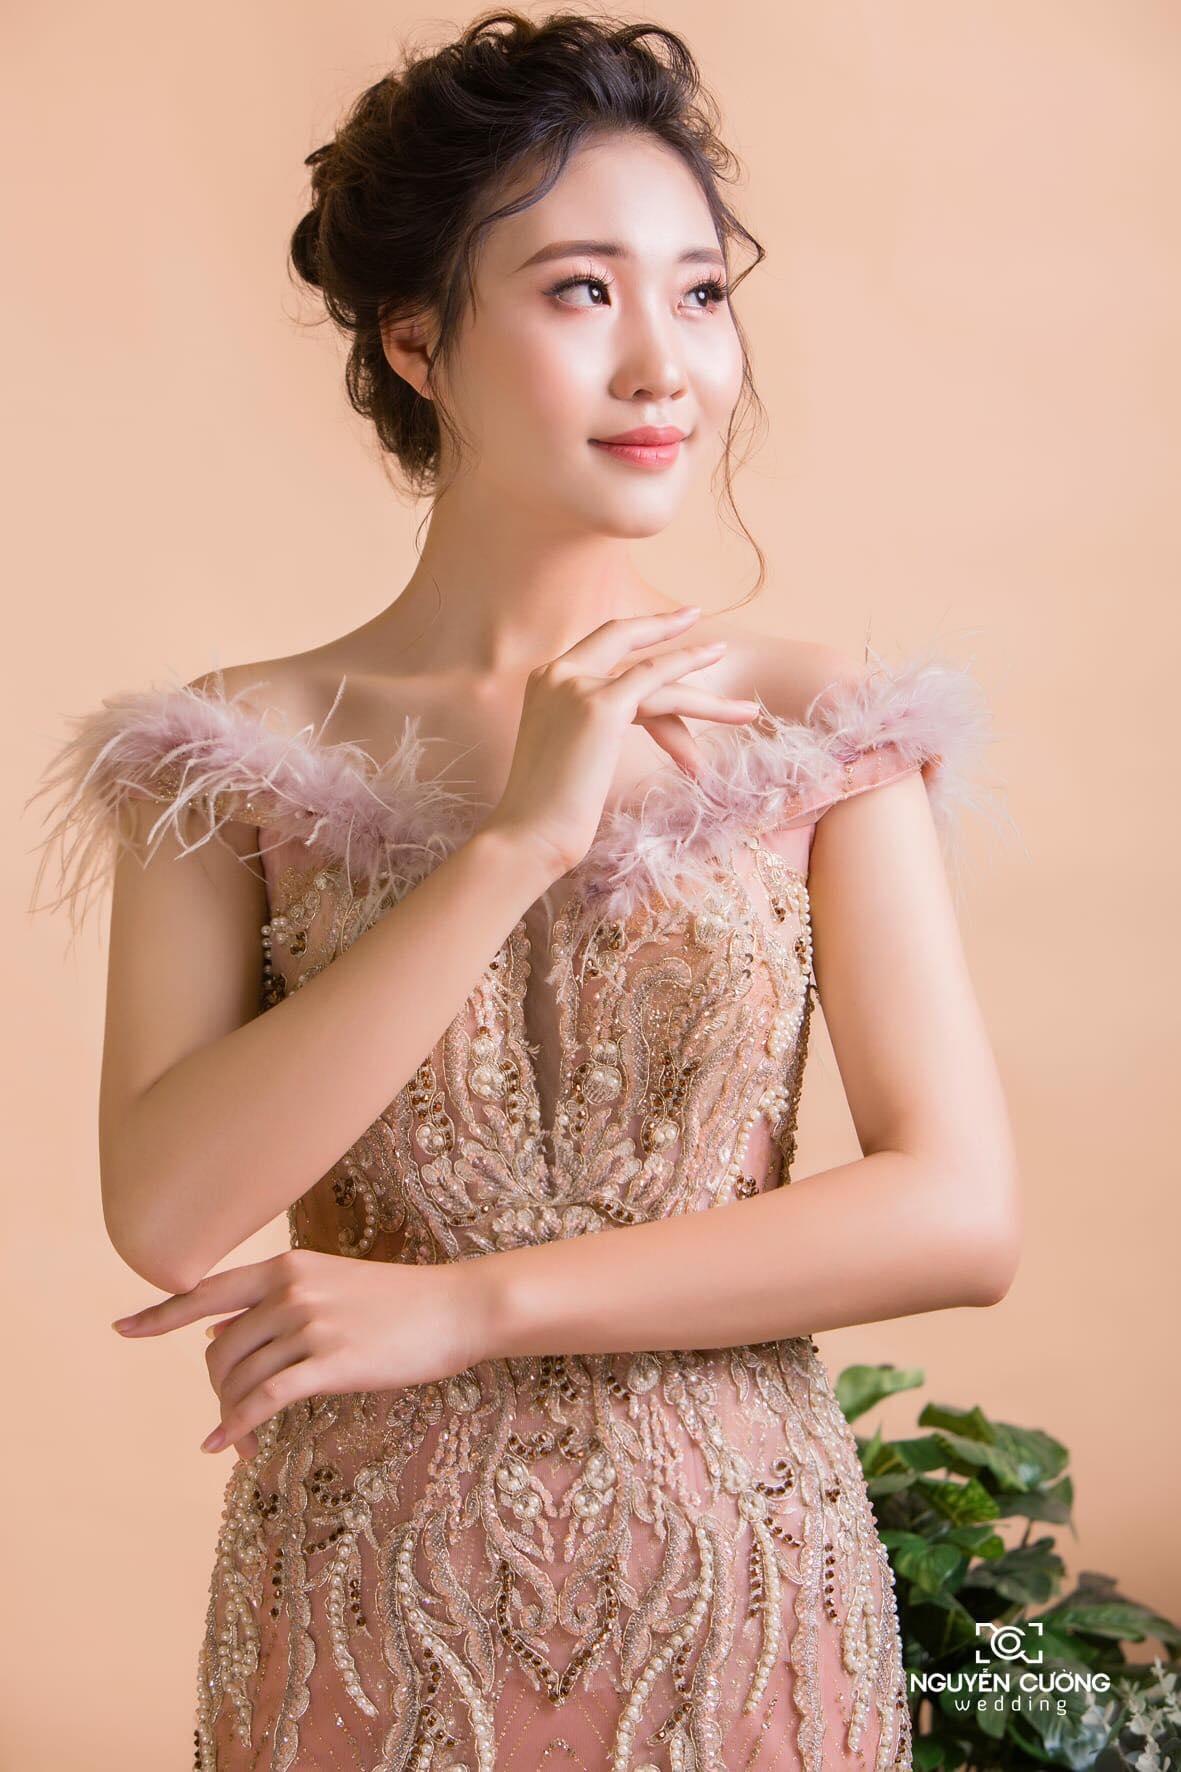 Nữ sinh Đại học Văn hóa Hà Nội lọt vào vòng chung kết cuộc thi Hoa khôi sinh viên năm 2018